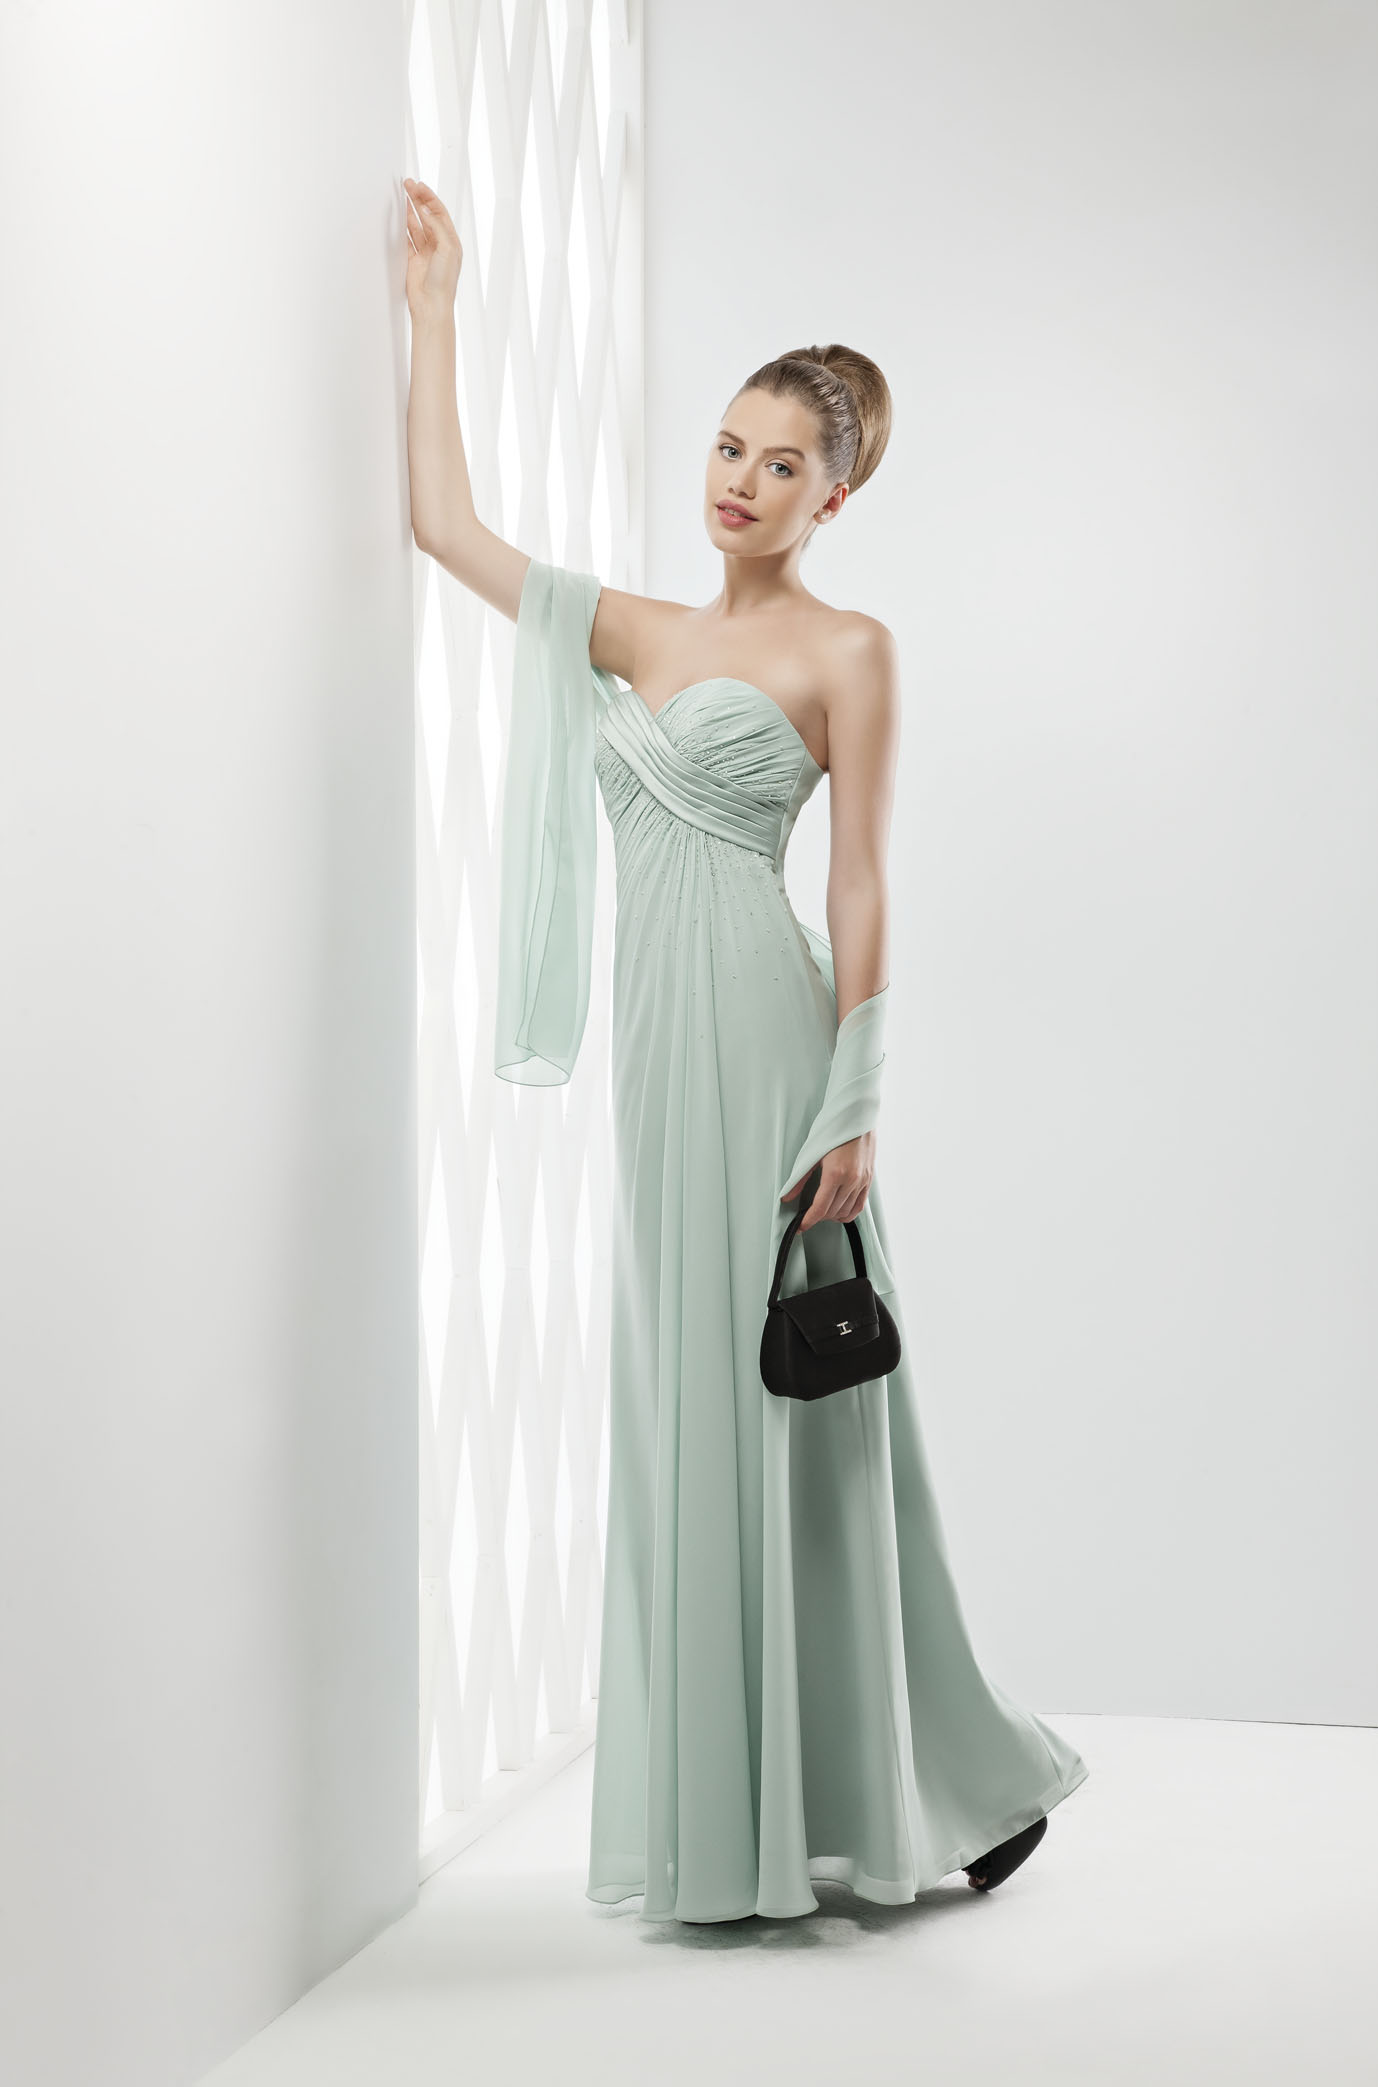 new product ea9fd 257b6 Abiti da cerimonia donna – Pomezia Sposi